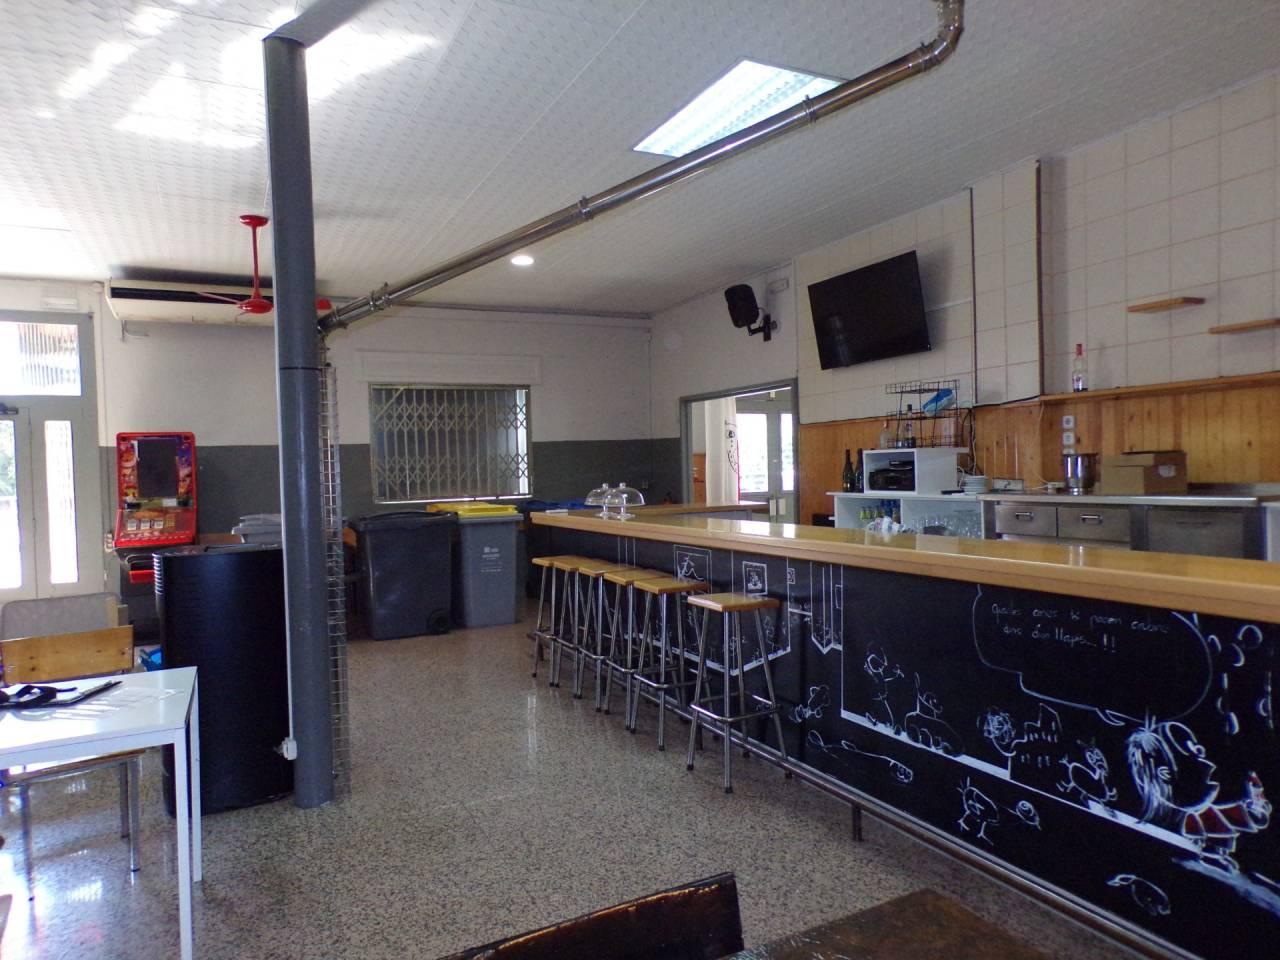 Lloguer Local Comercial  Els bassacs. Bar restaurante en traspaso en cal bassacs ( gironella), listo p